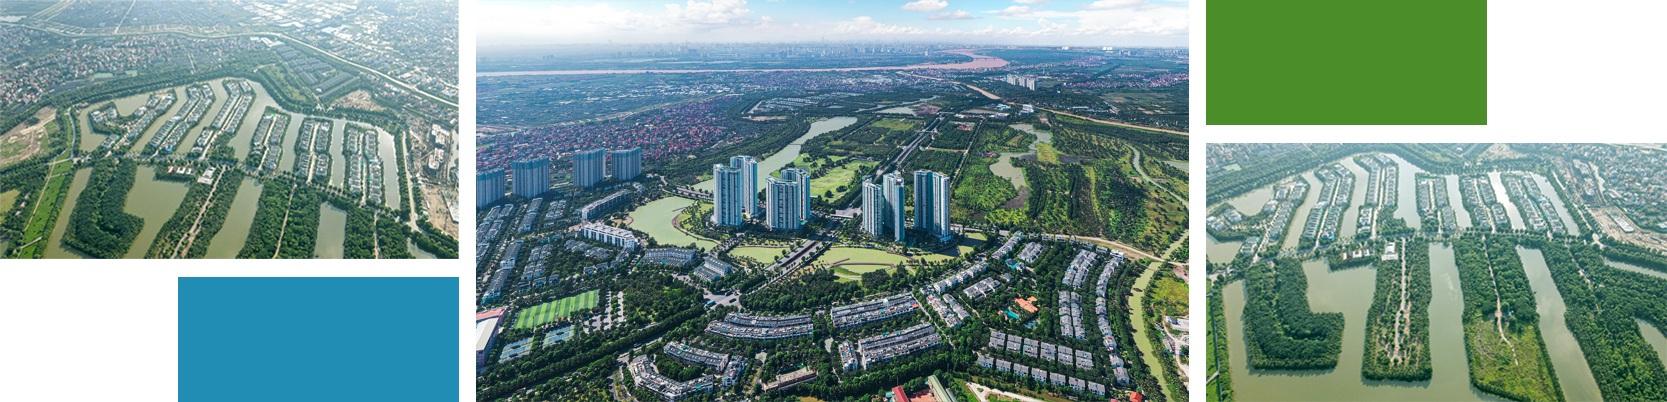 Thành phố triệu cây xanh Ecopark nhìn từ camera bay - 9